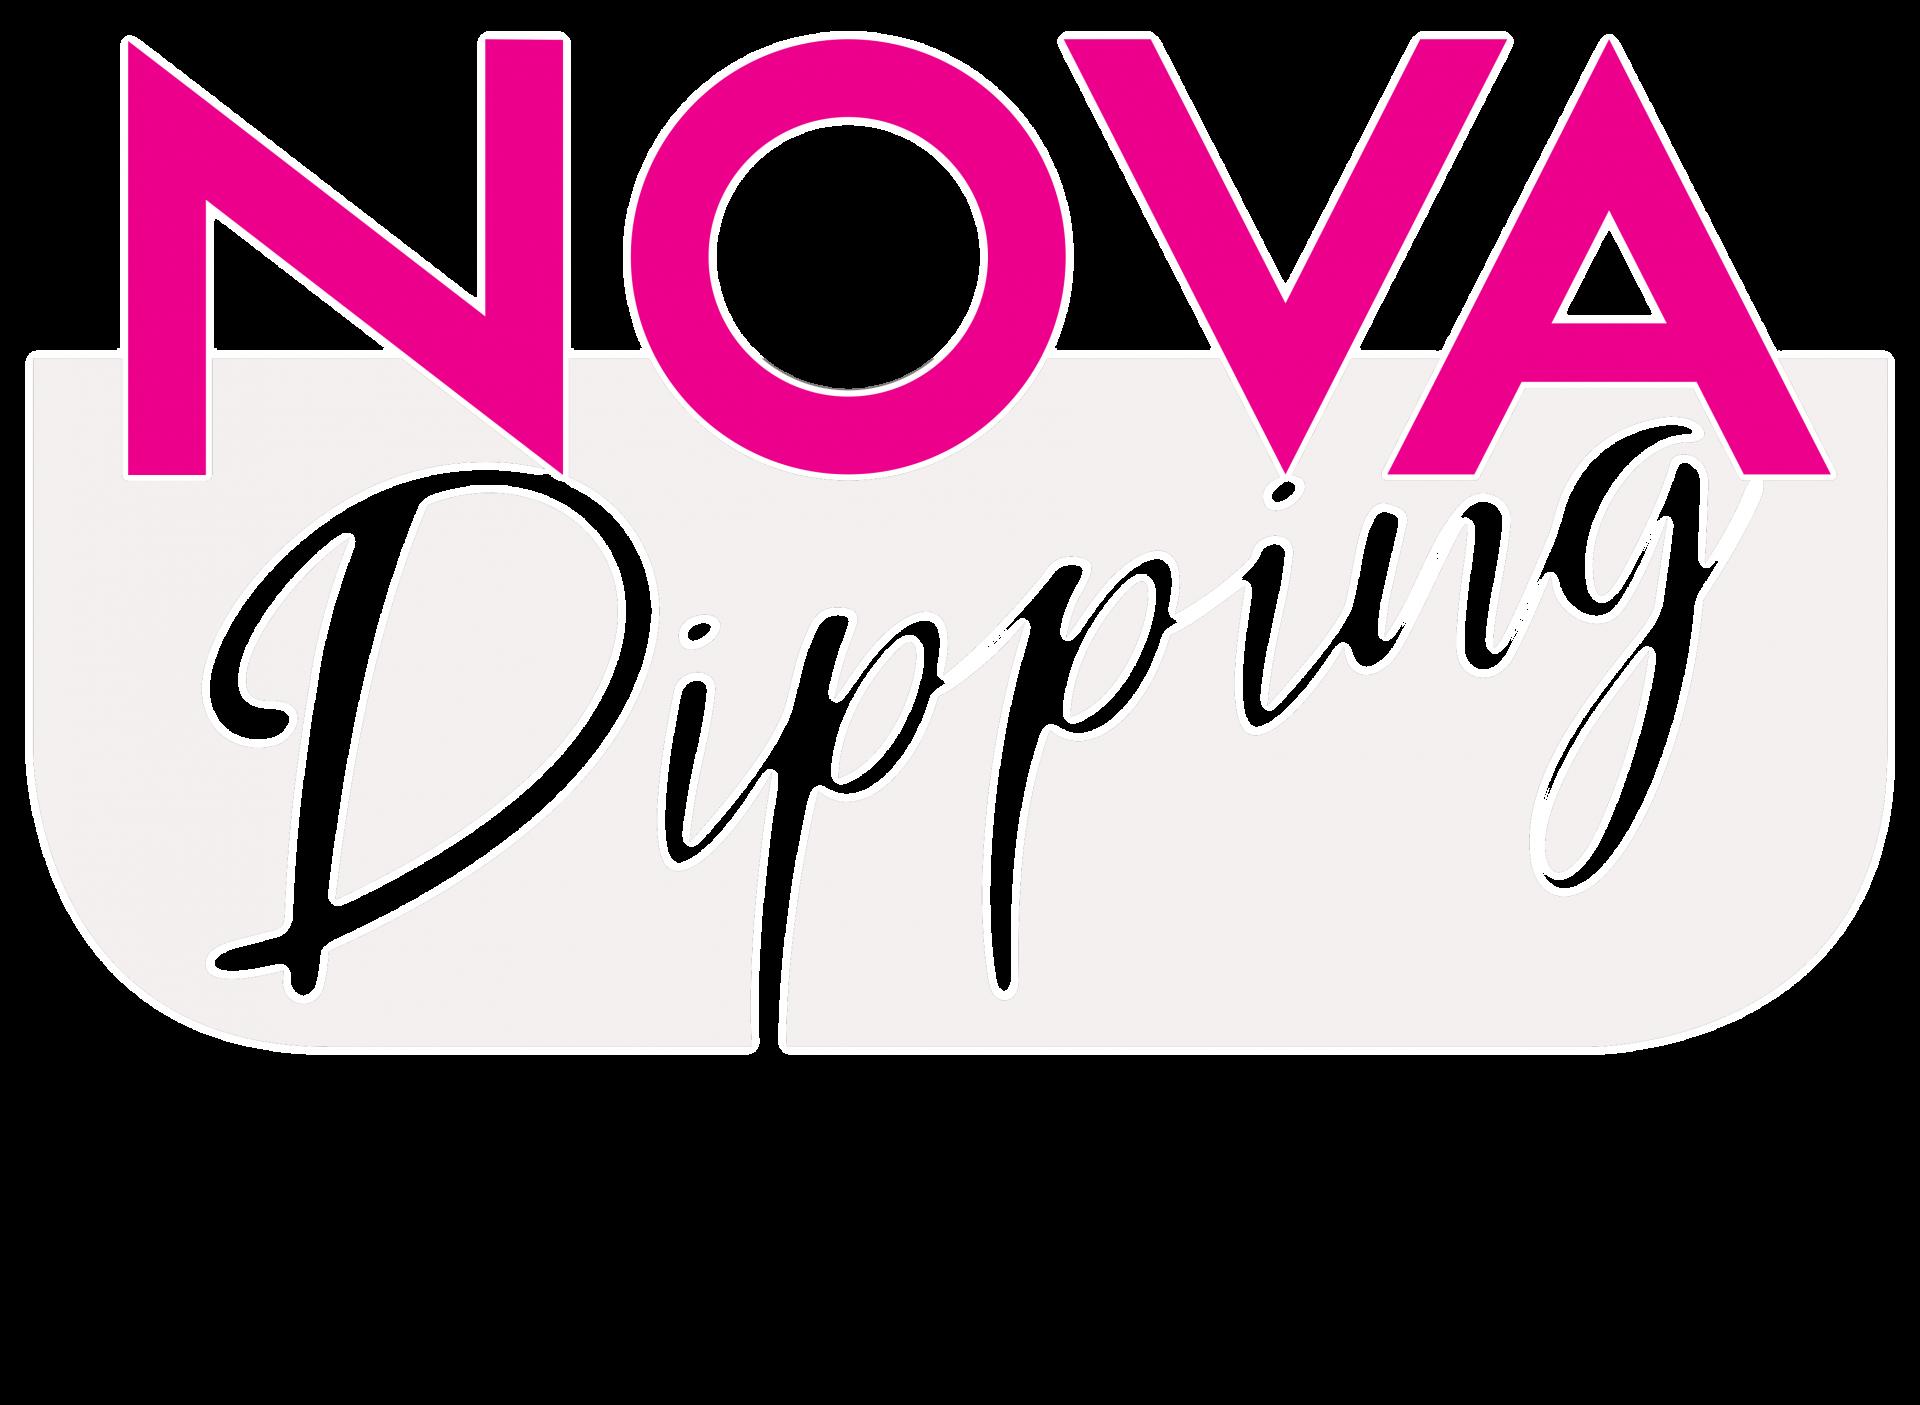 Nova Dipping